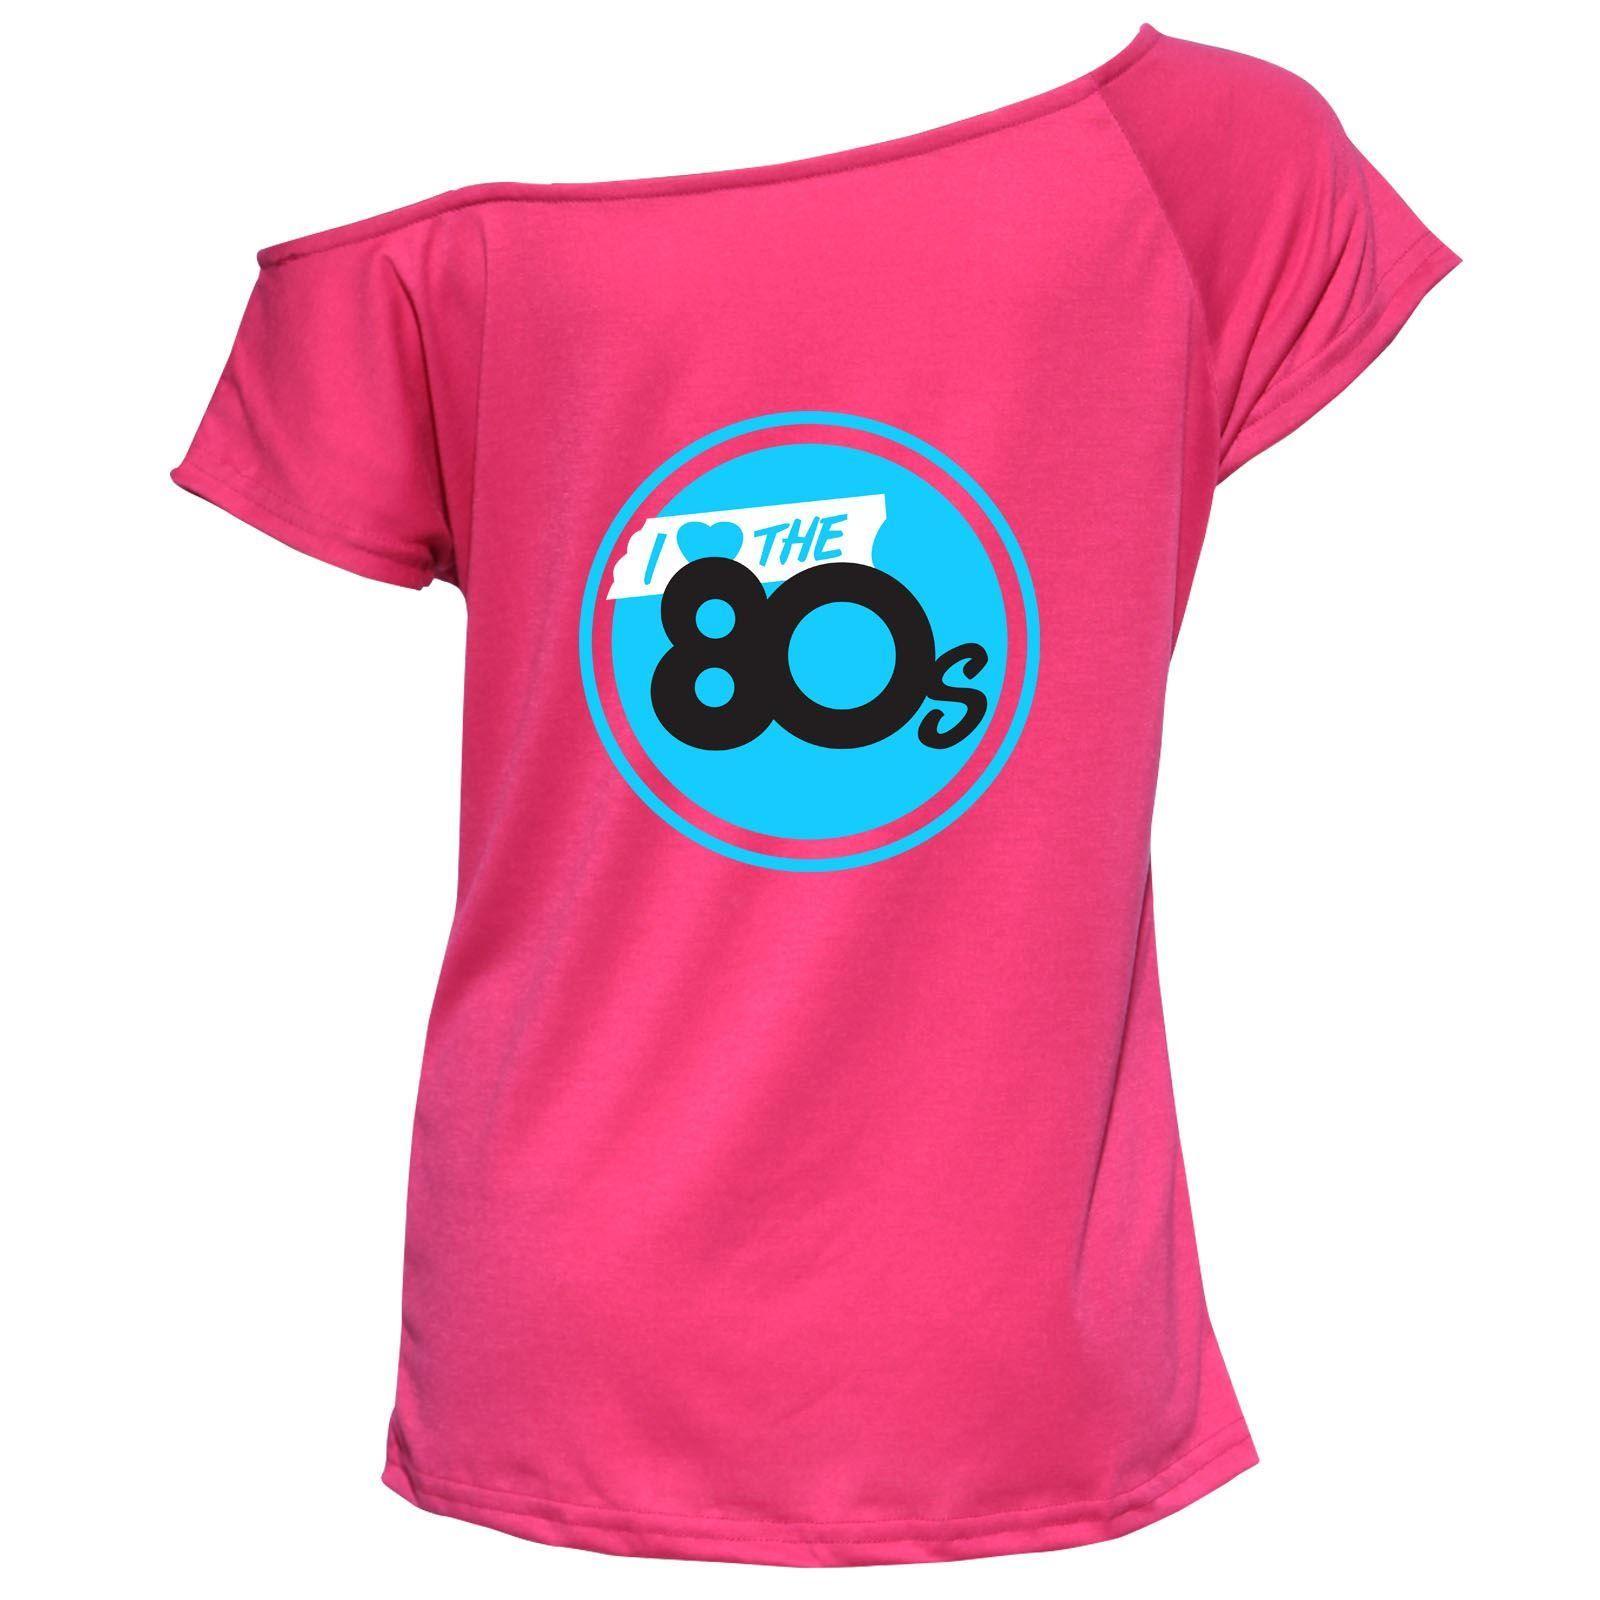 La S I Love The 80s Top Womens Pop Music Star Retro T